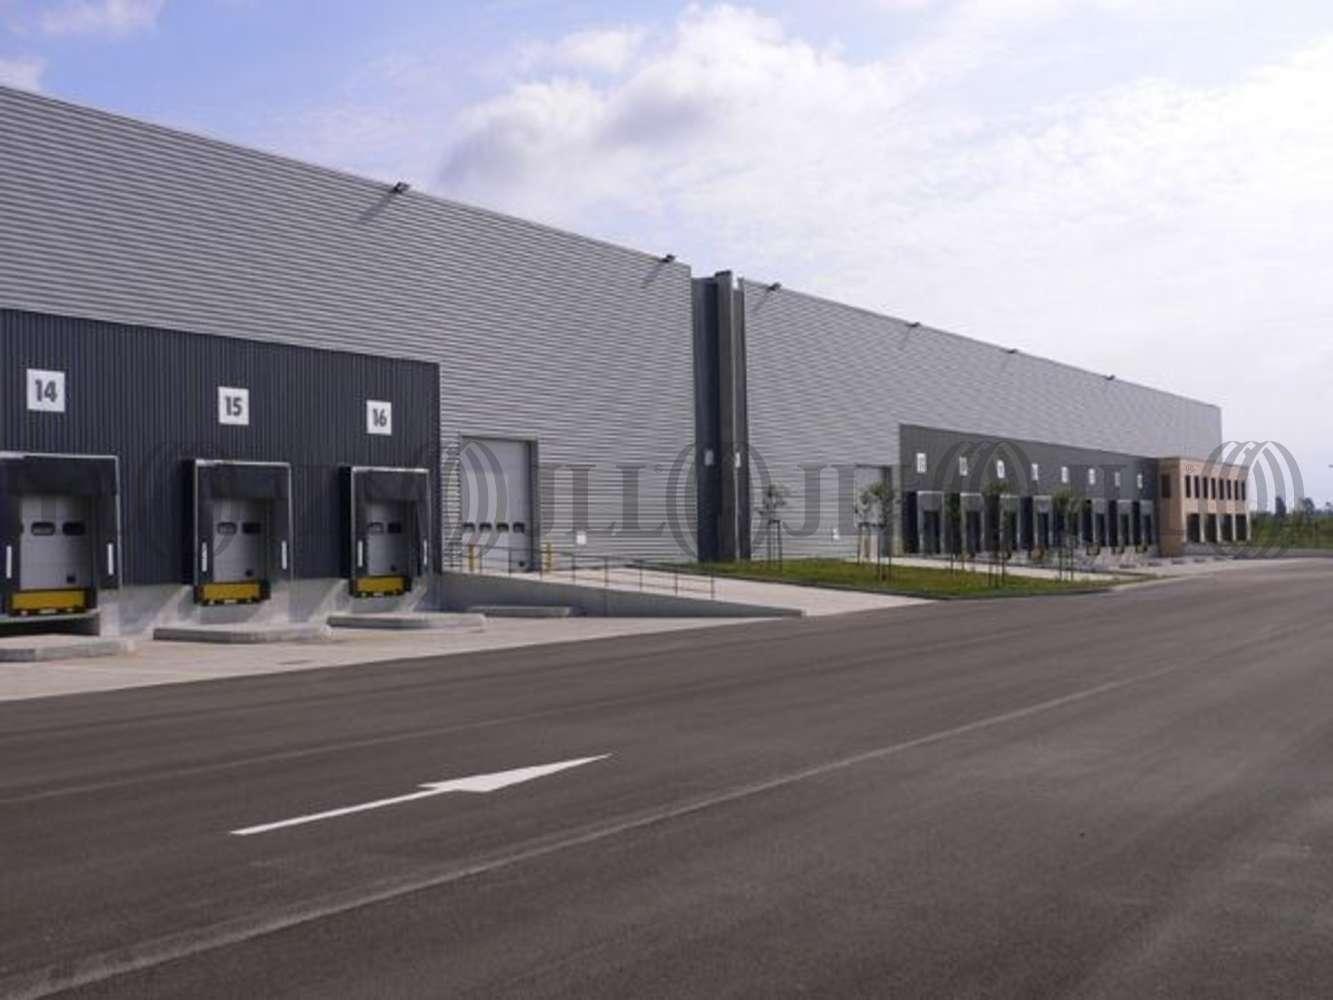 Plateformes logistiques Beaune, 21200 - Entepôt logistique - Axe Lyon-Dijon (21) - 10021050